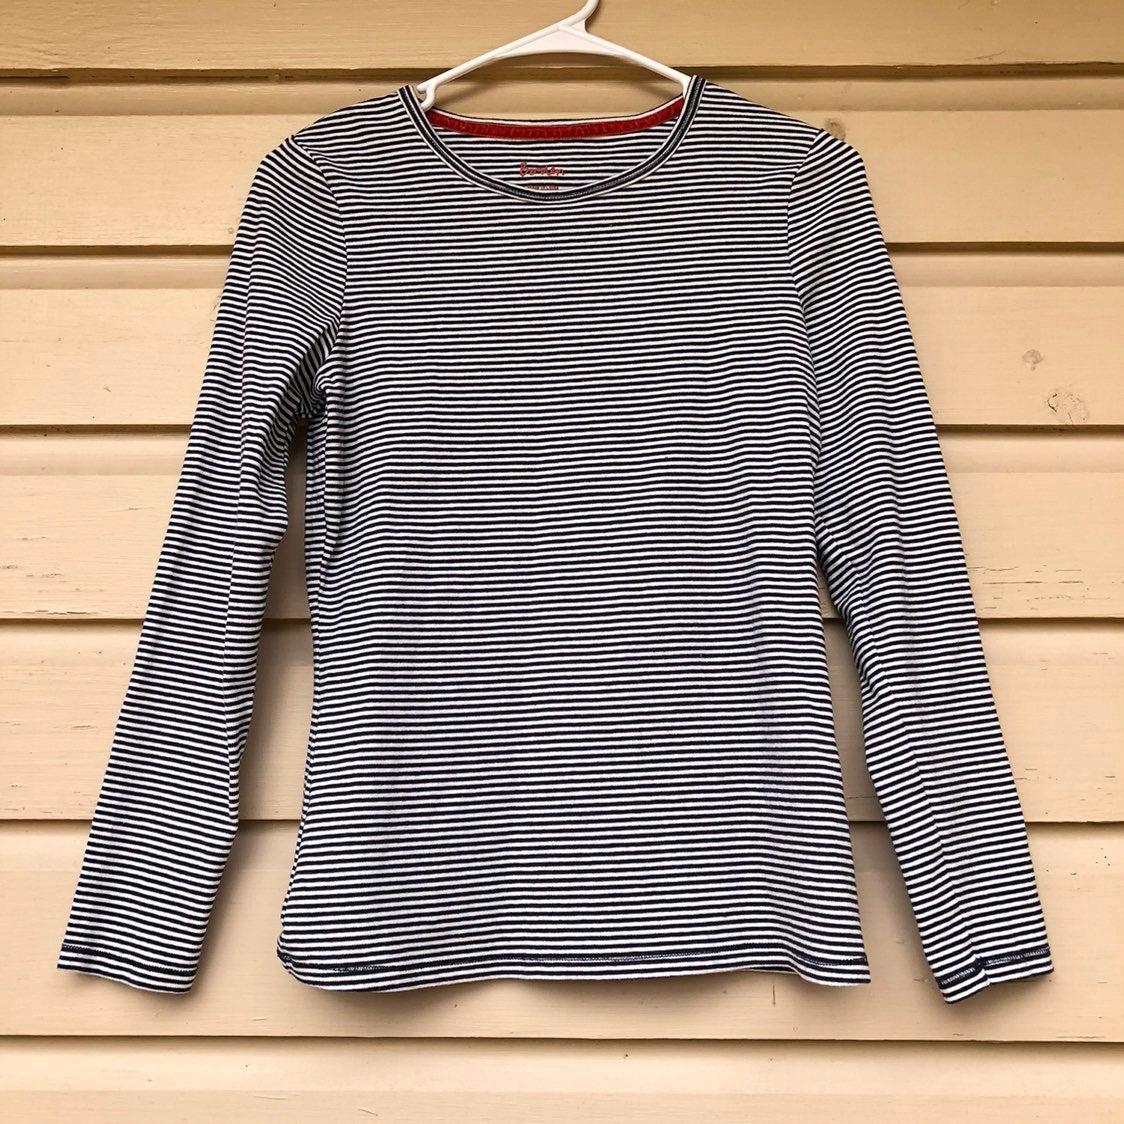 Boden Long Sleeve Striped Shirt Navy 10